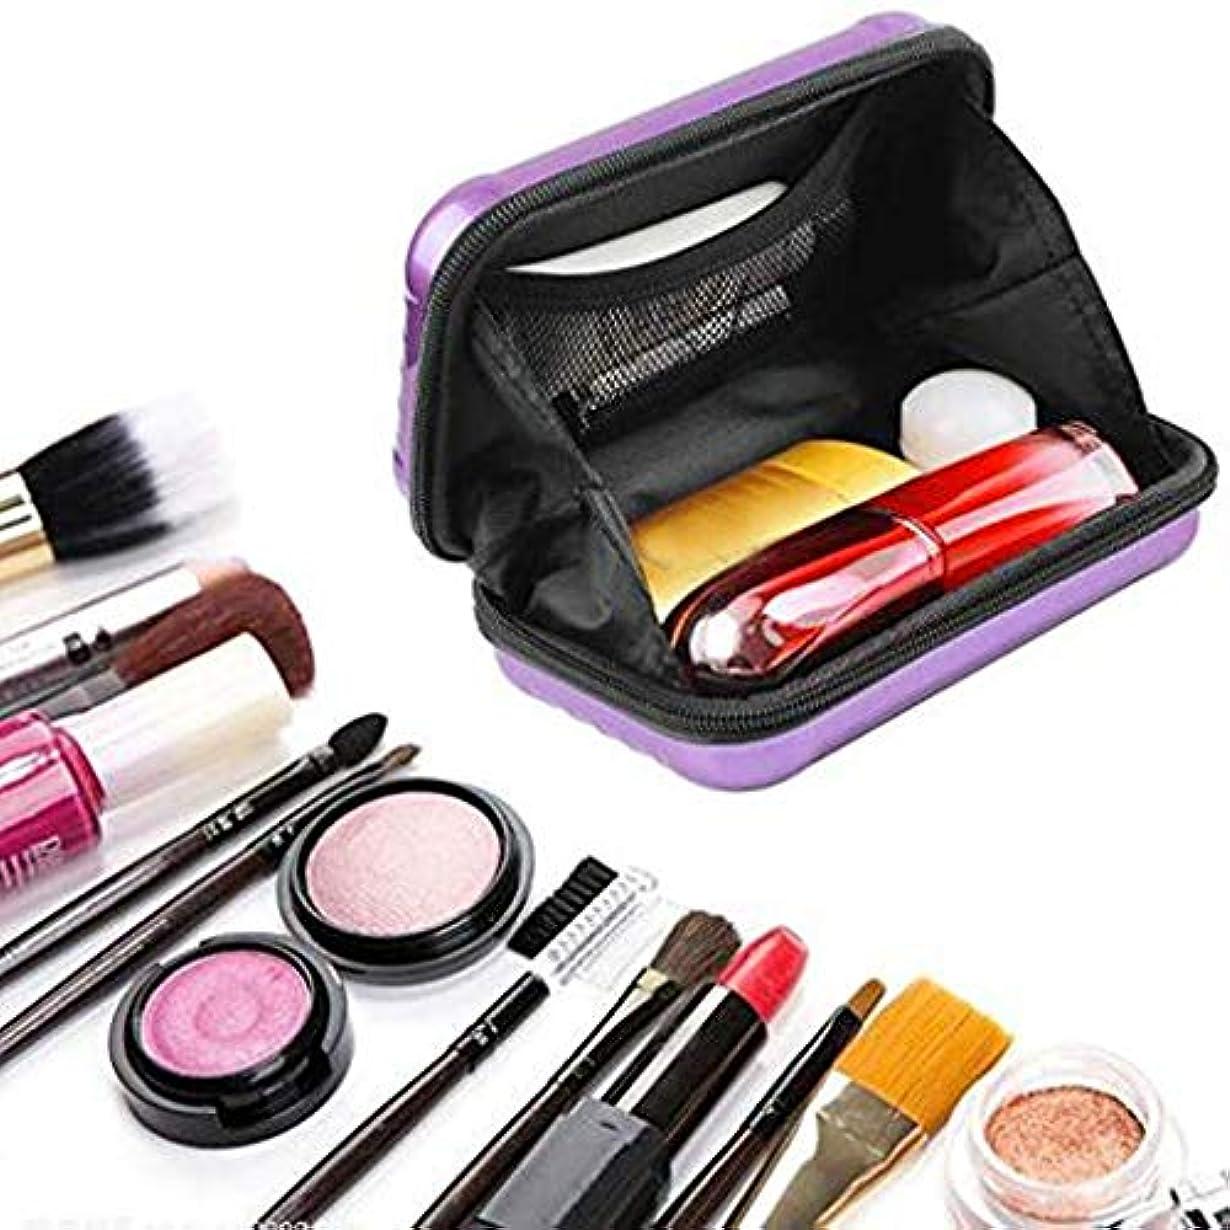 下合併症味付けミニポータブル旅行化粧品バッグ、女性のための防水/クラッシュ防止化粧バッグ、スーツケース化粧品ハンドバッグ (黄)